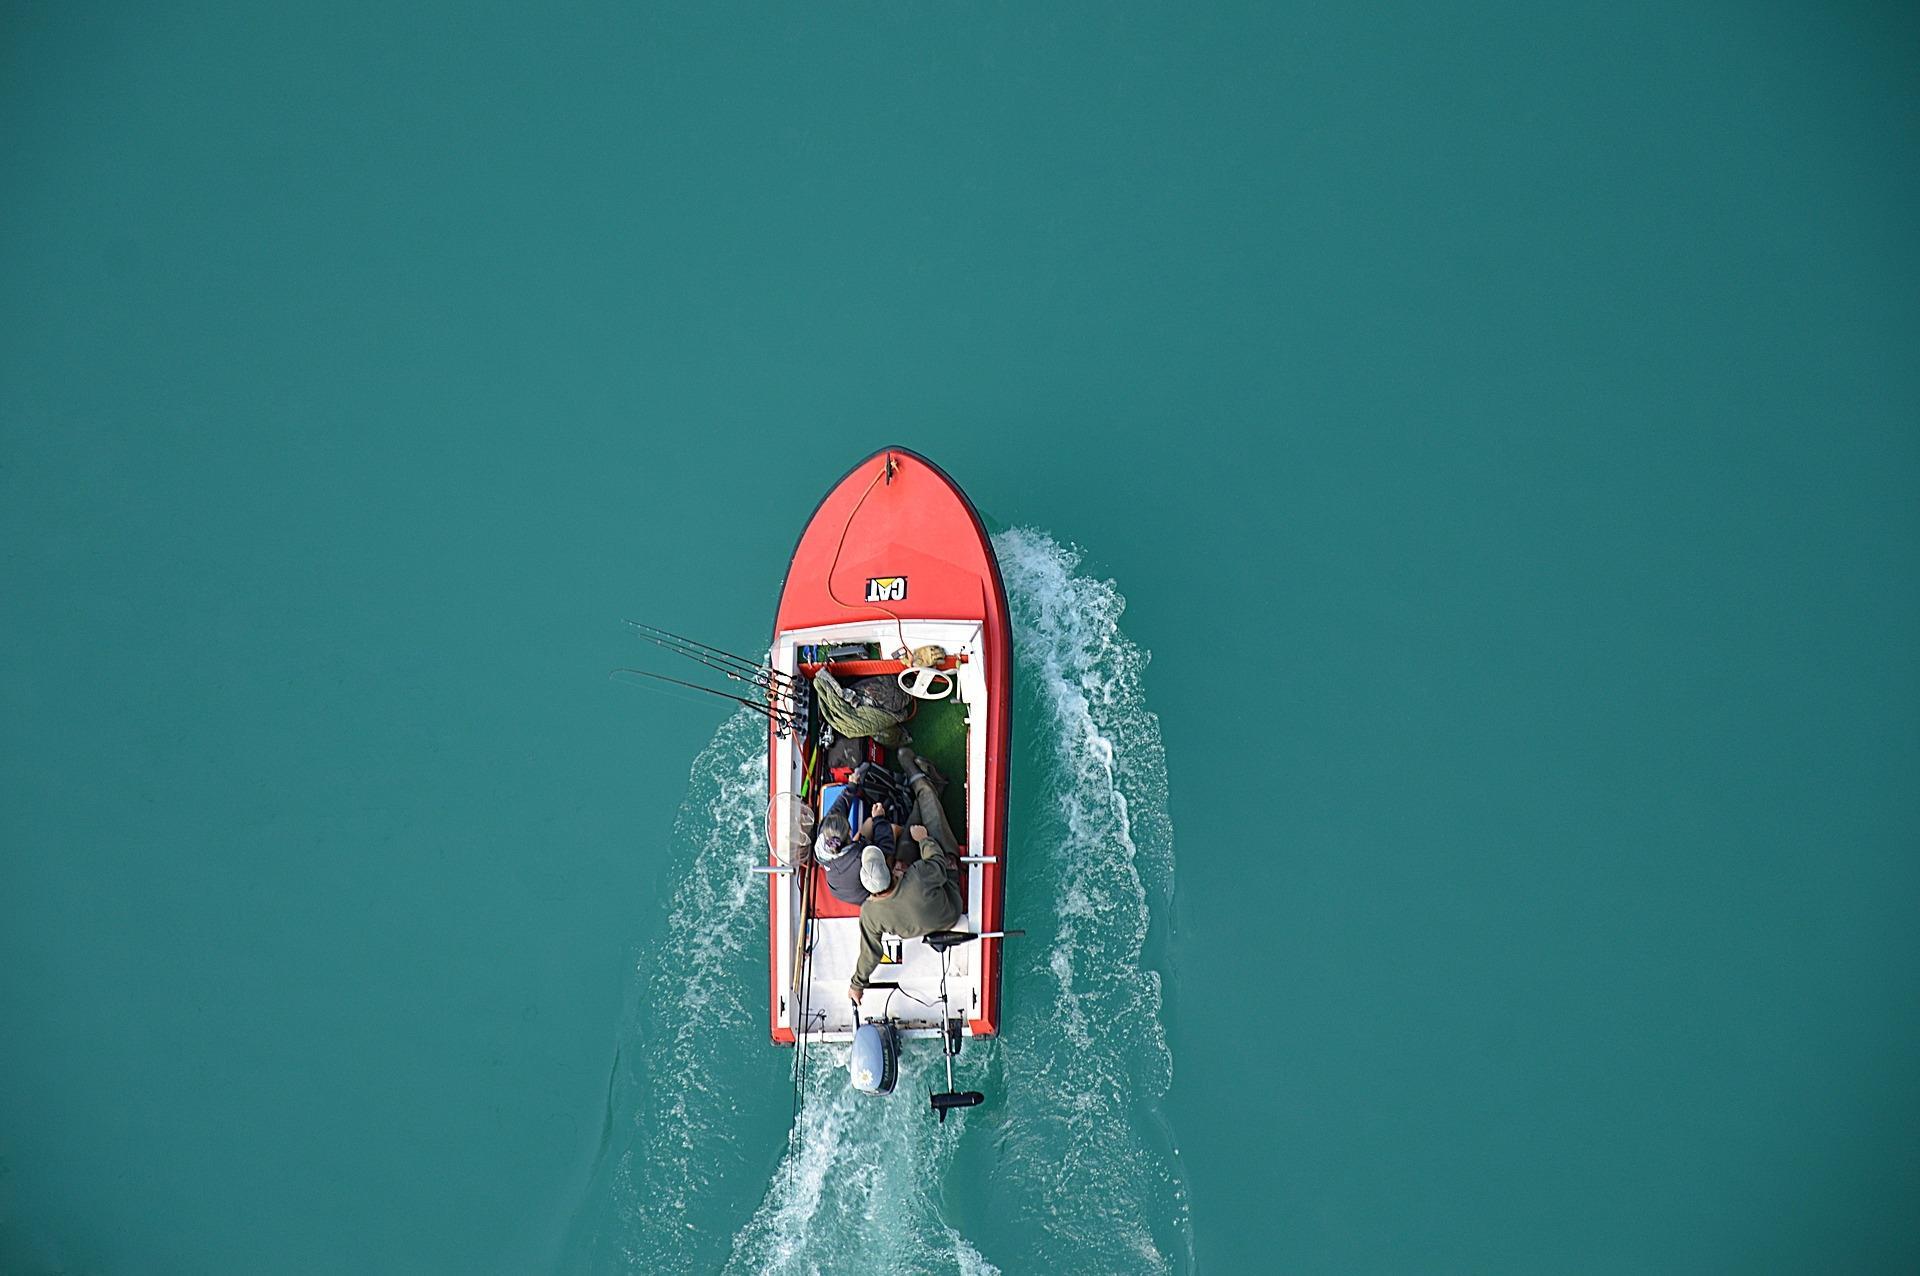 Angelboot von oben